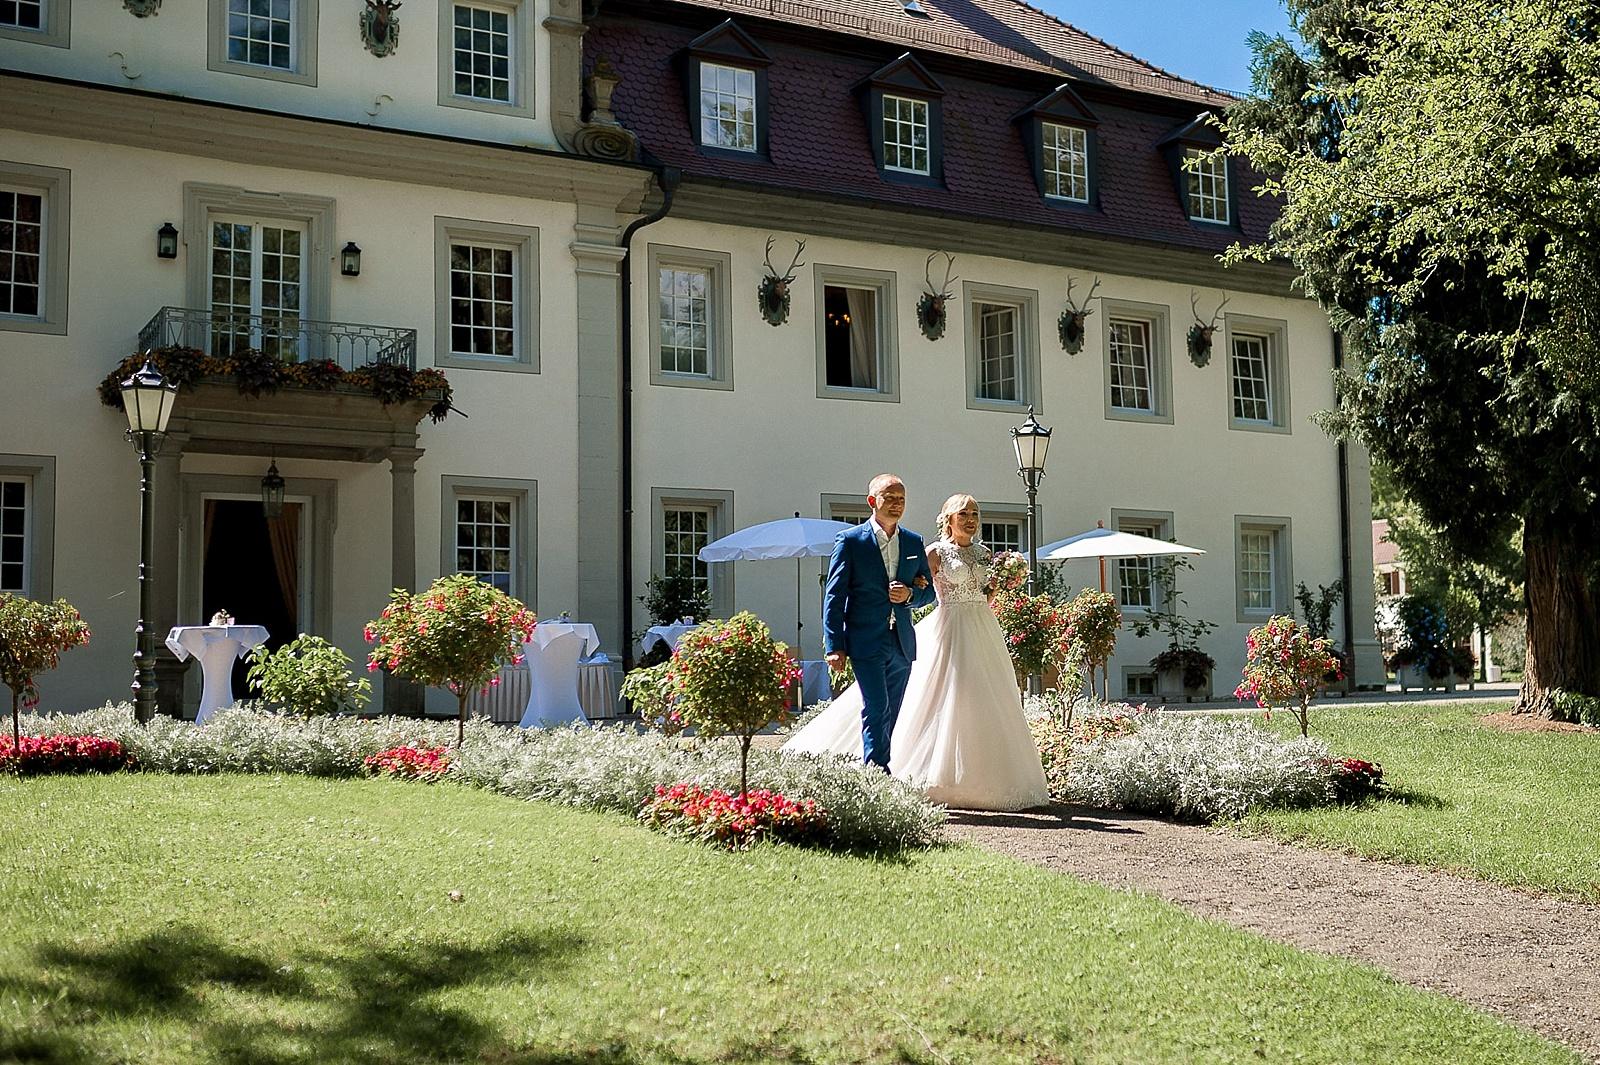 Hochzeit Im Wald Und Schlosshotel Friedrichsruhe 33 Hochzeits Und